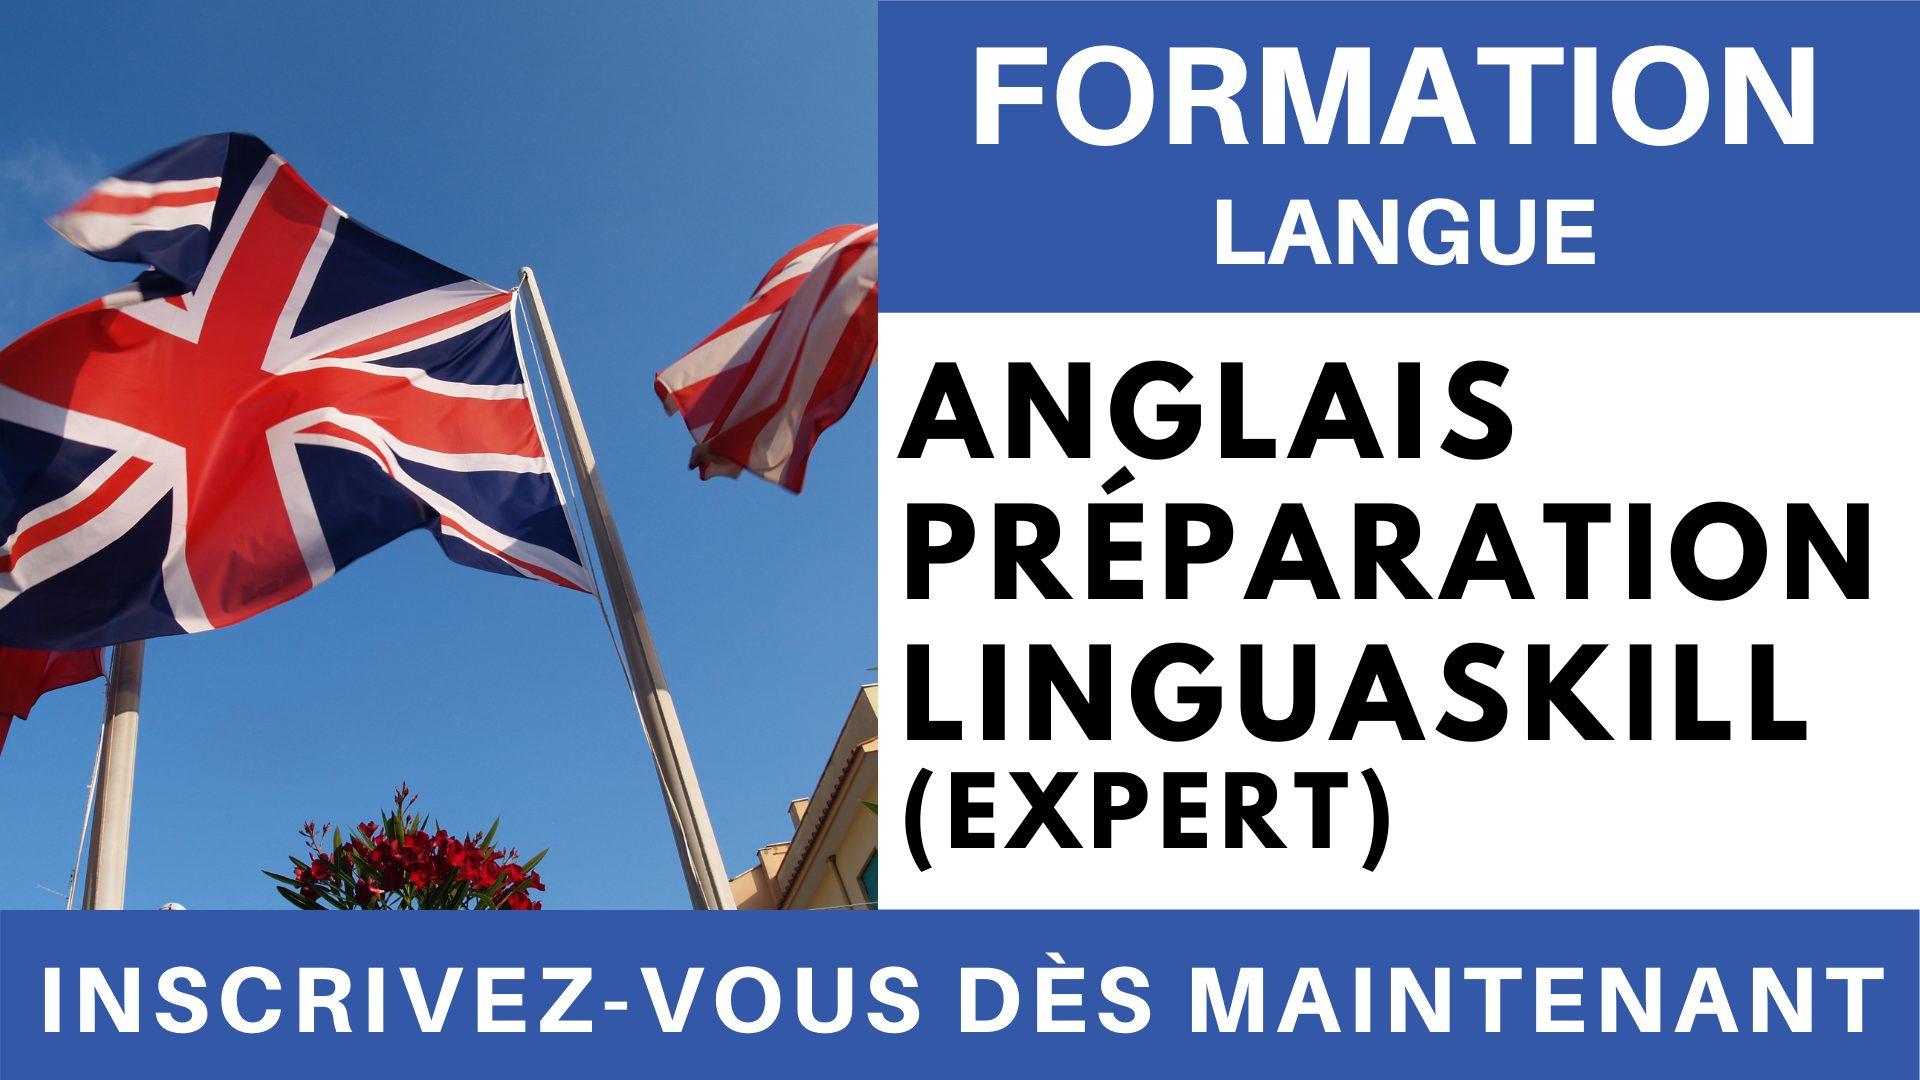 Formation Langue - Anglais Préparation linguaskill Niveau Expert